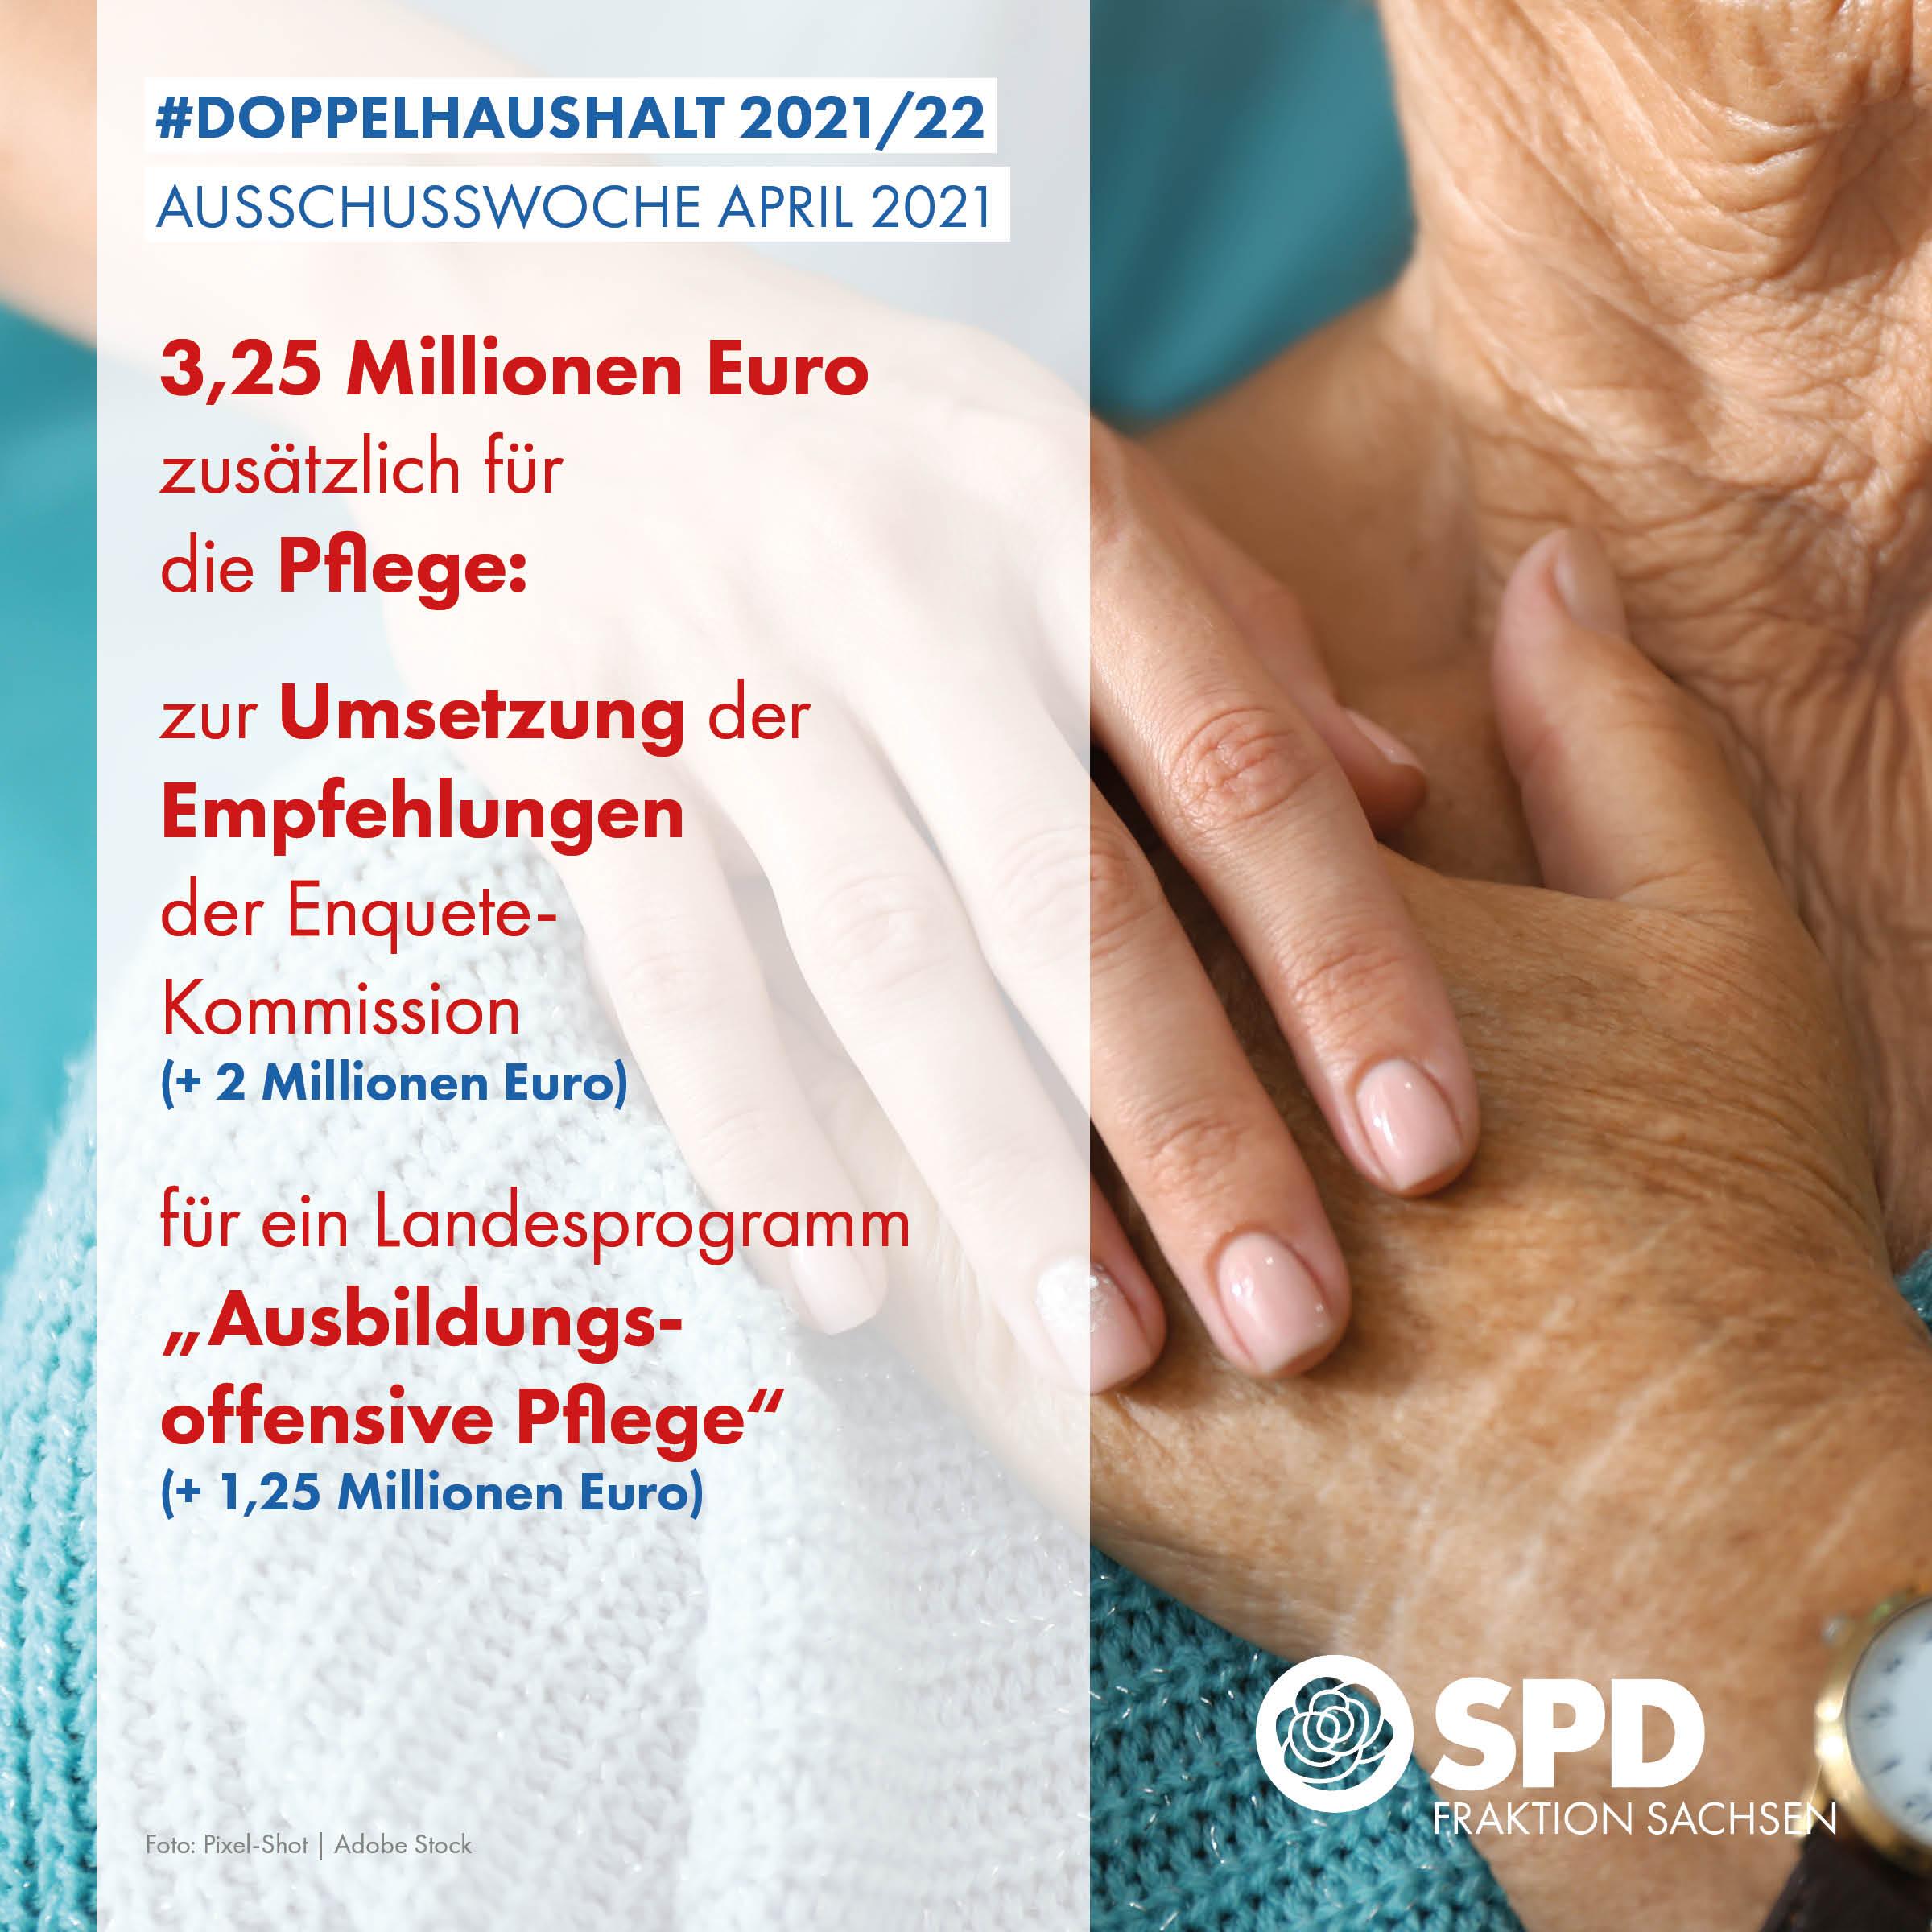 """3,25 Millionen Euro  zusätzlich für die Pflege: zur Umsetzung der Empfehlungen  der Enquete- Kommission  (+ 2 Millionen Euro)  für ein Landesprogramm """"Ausbildungs- offensive Pflege"""" (+ 1,25 Millionen Euro)"""